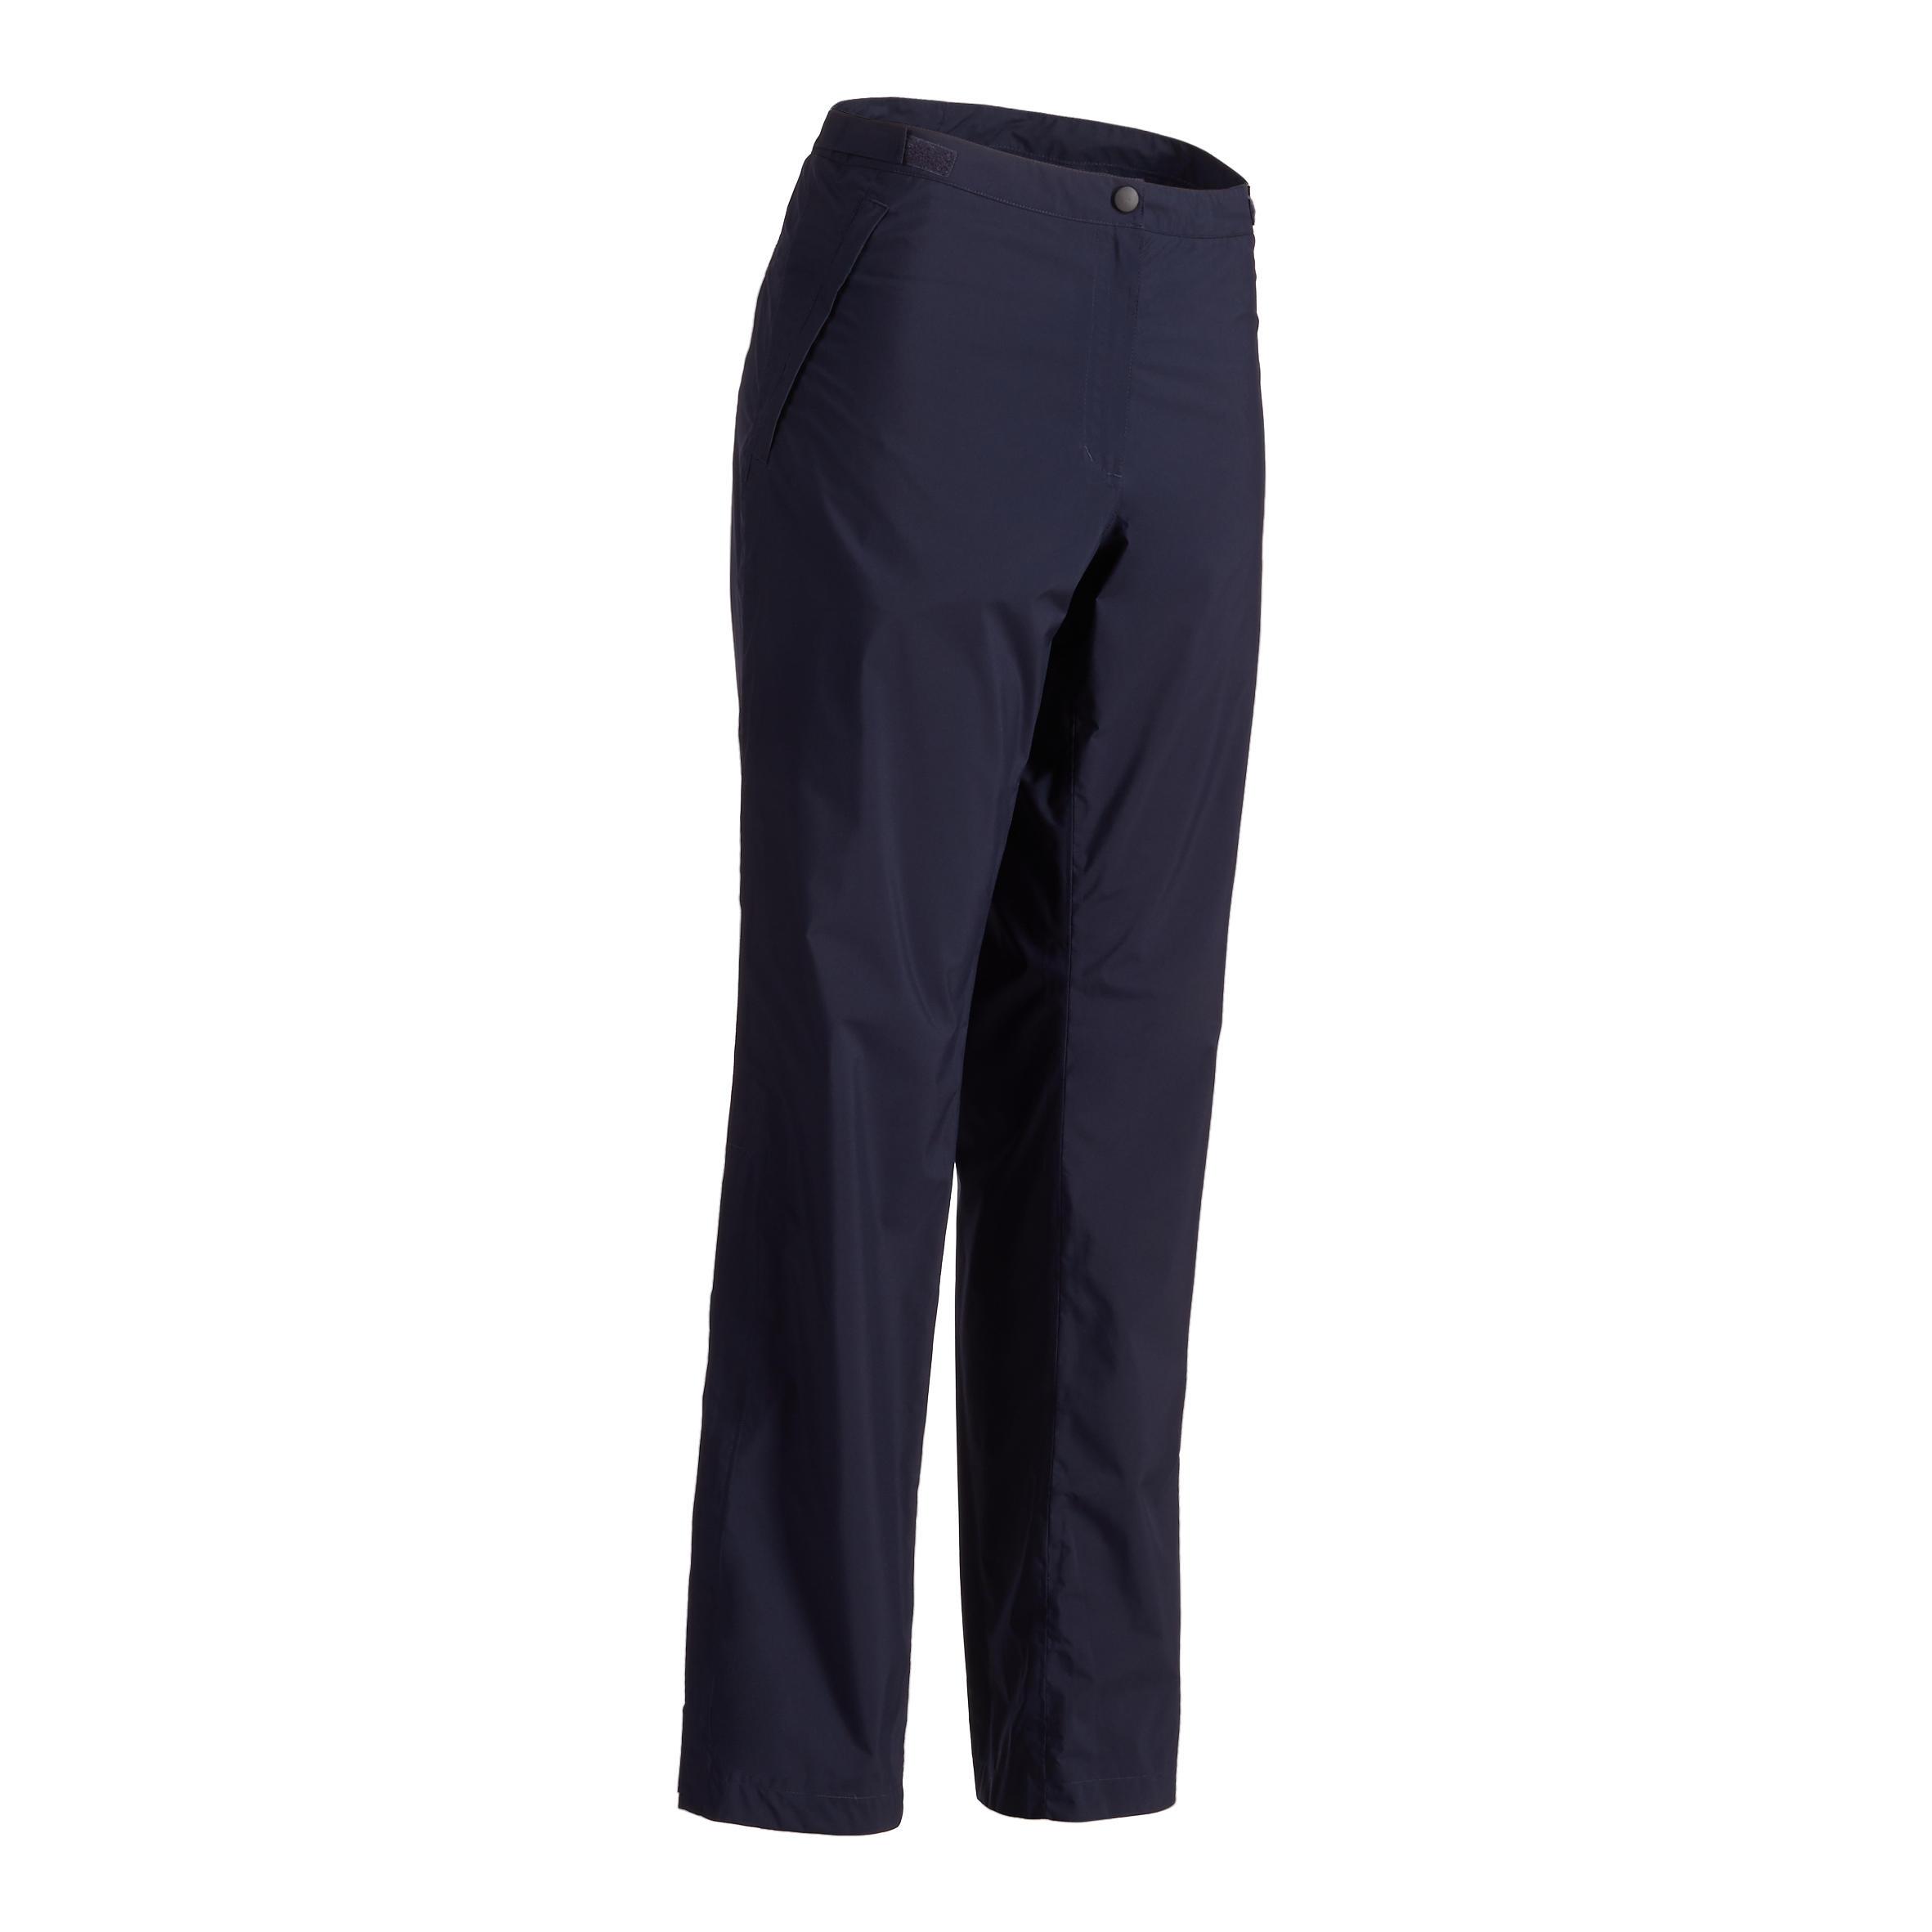 900 Women's Golf Waterproof Top-Layer Pants - Navy Blue